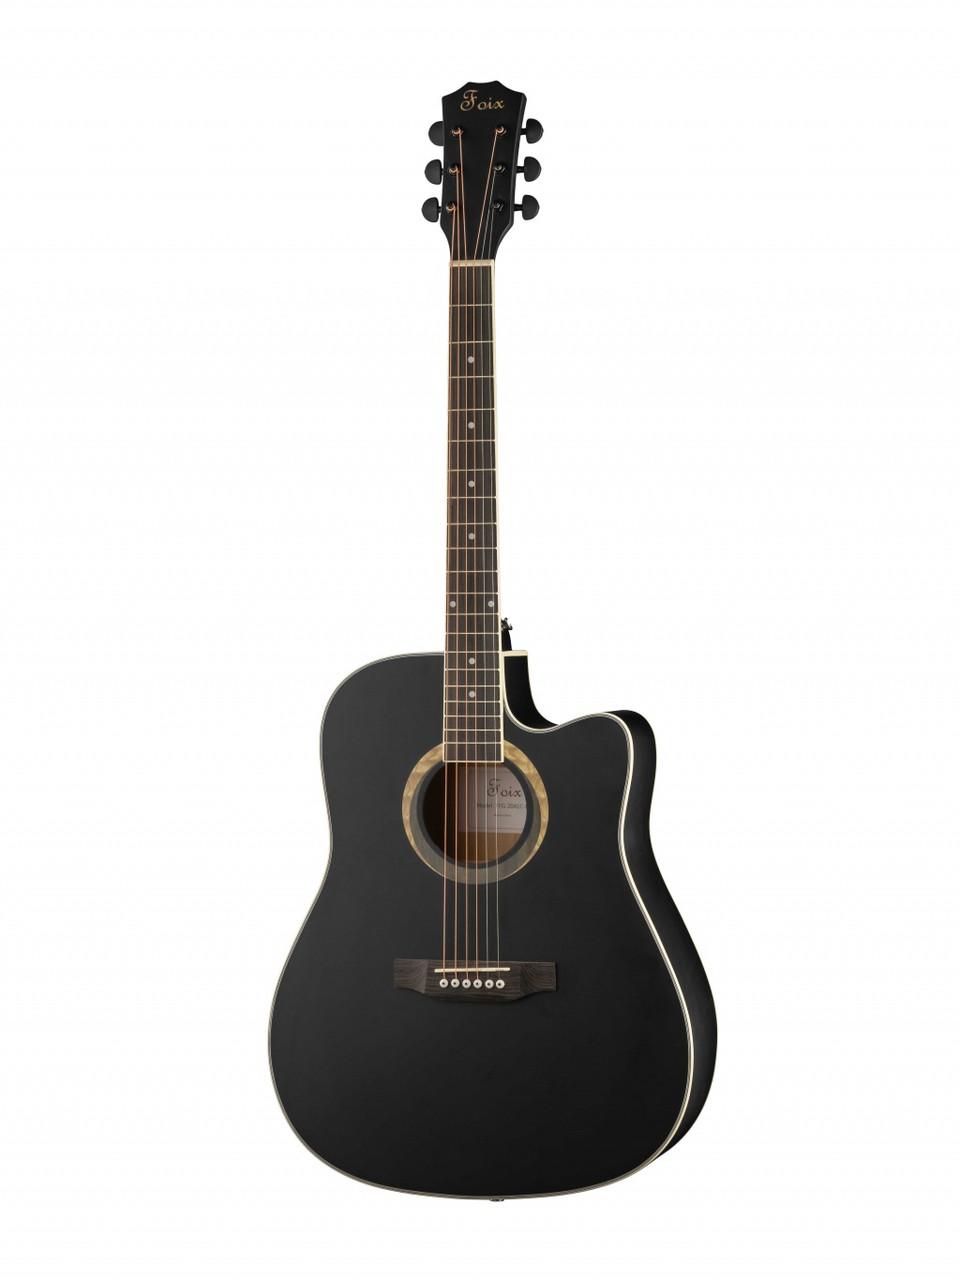 Акустическая гитара, черная, Foix FFG-2041C-BK